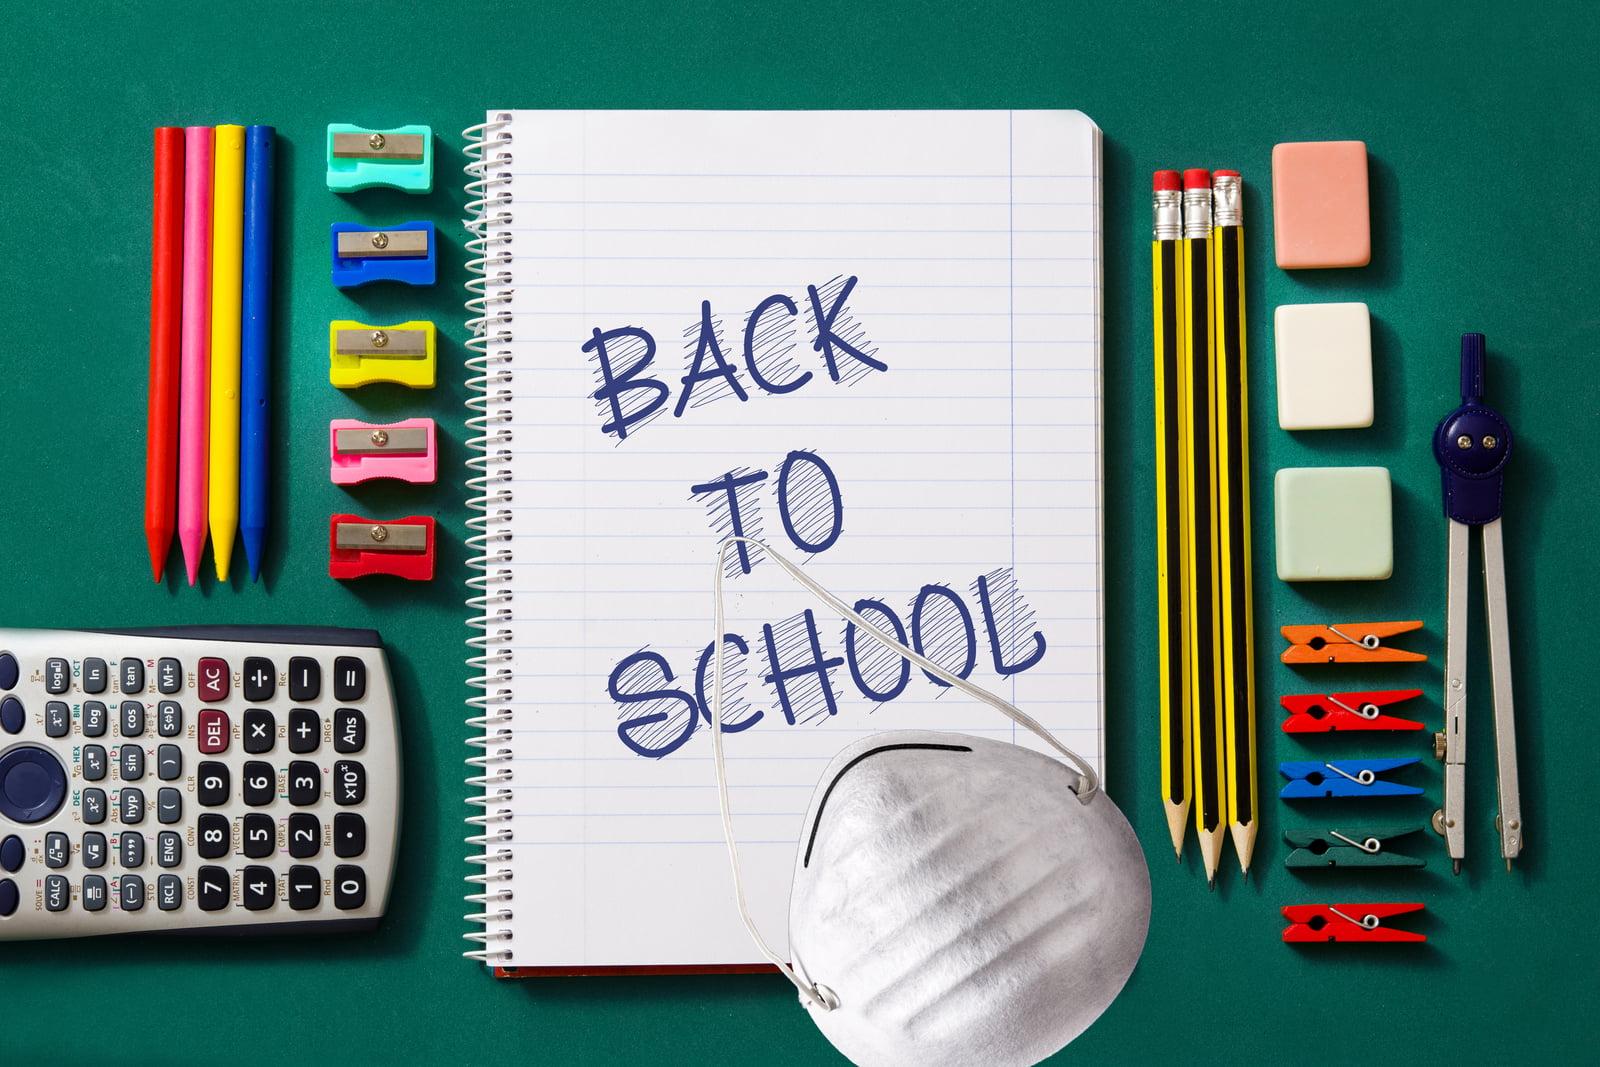 Okula Dönüş 2020, Covid 19 ile uğraşıyor